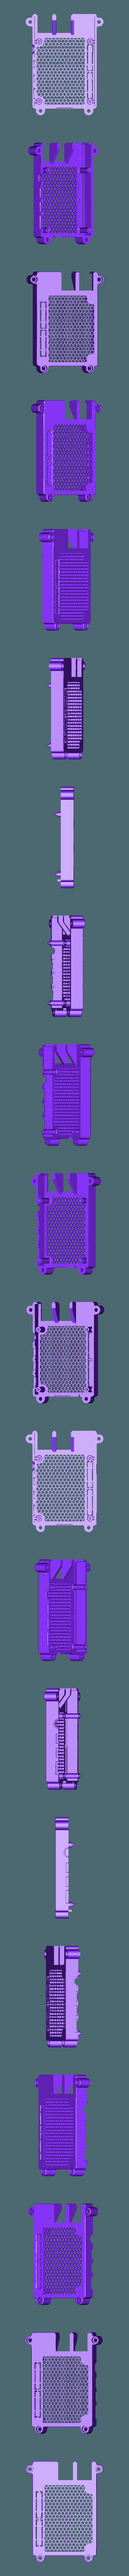 STANDARD.STL Télécharger fichier STL gratuit Étui Pi 4B Framboise Framboise • Objet pour imprimante 3D, mkellsy